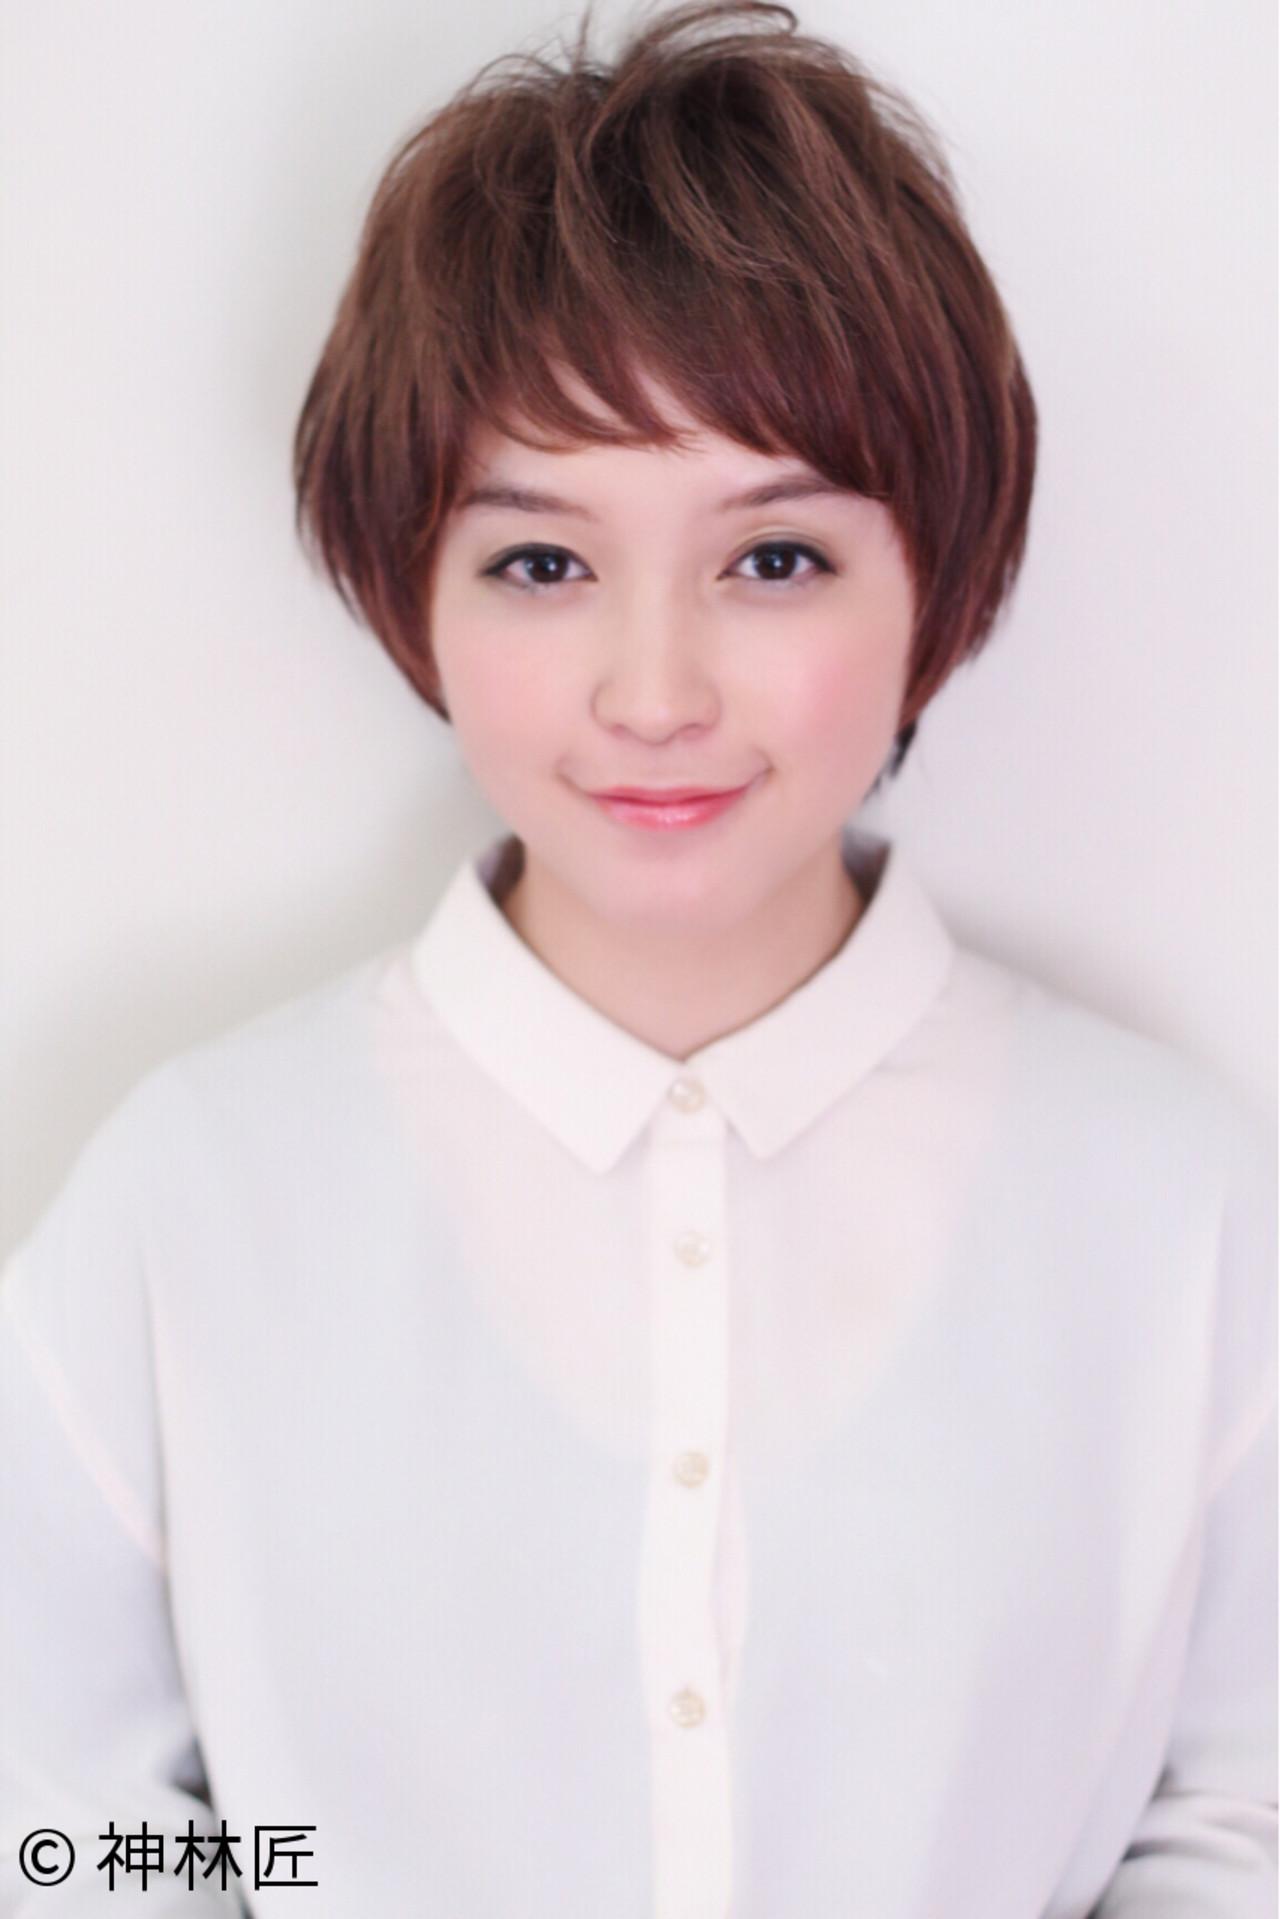 ショートバング ナチュラル 前髪あり 小顔 ヘアスタイルや髪型の写真・画像